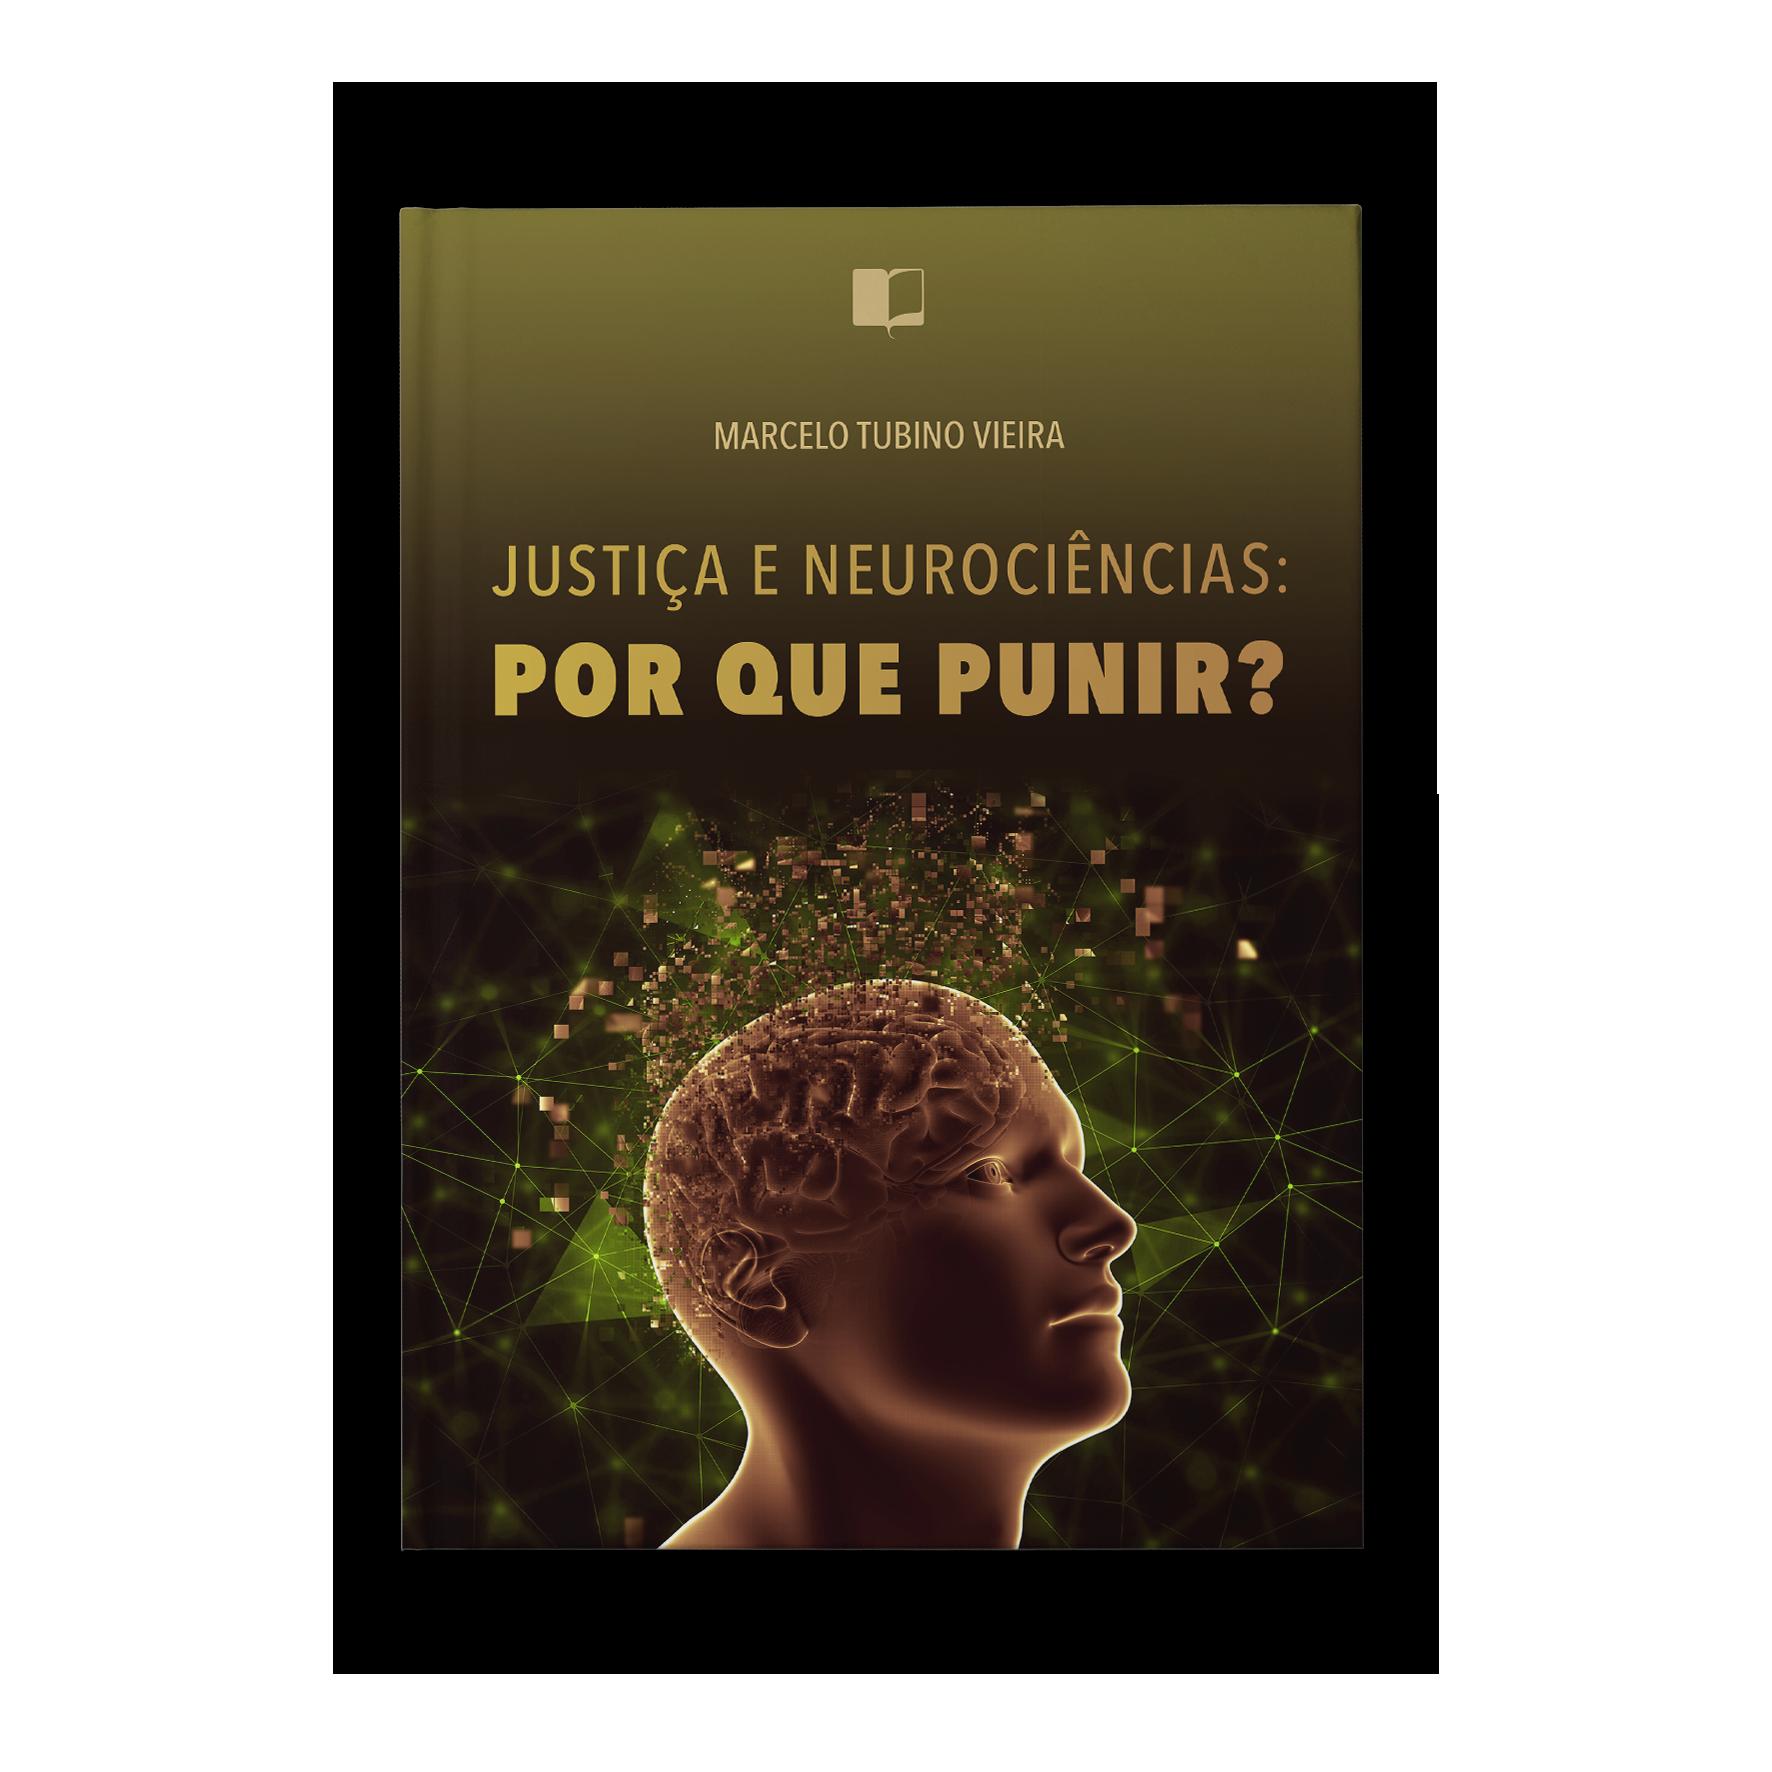 justiça e neurociências – Por que punir? – Marcelo Tubino Vieira